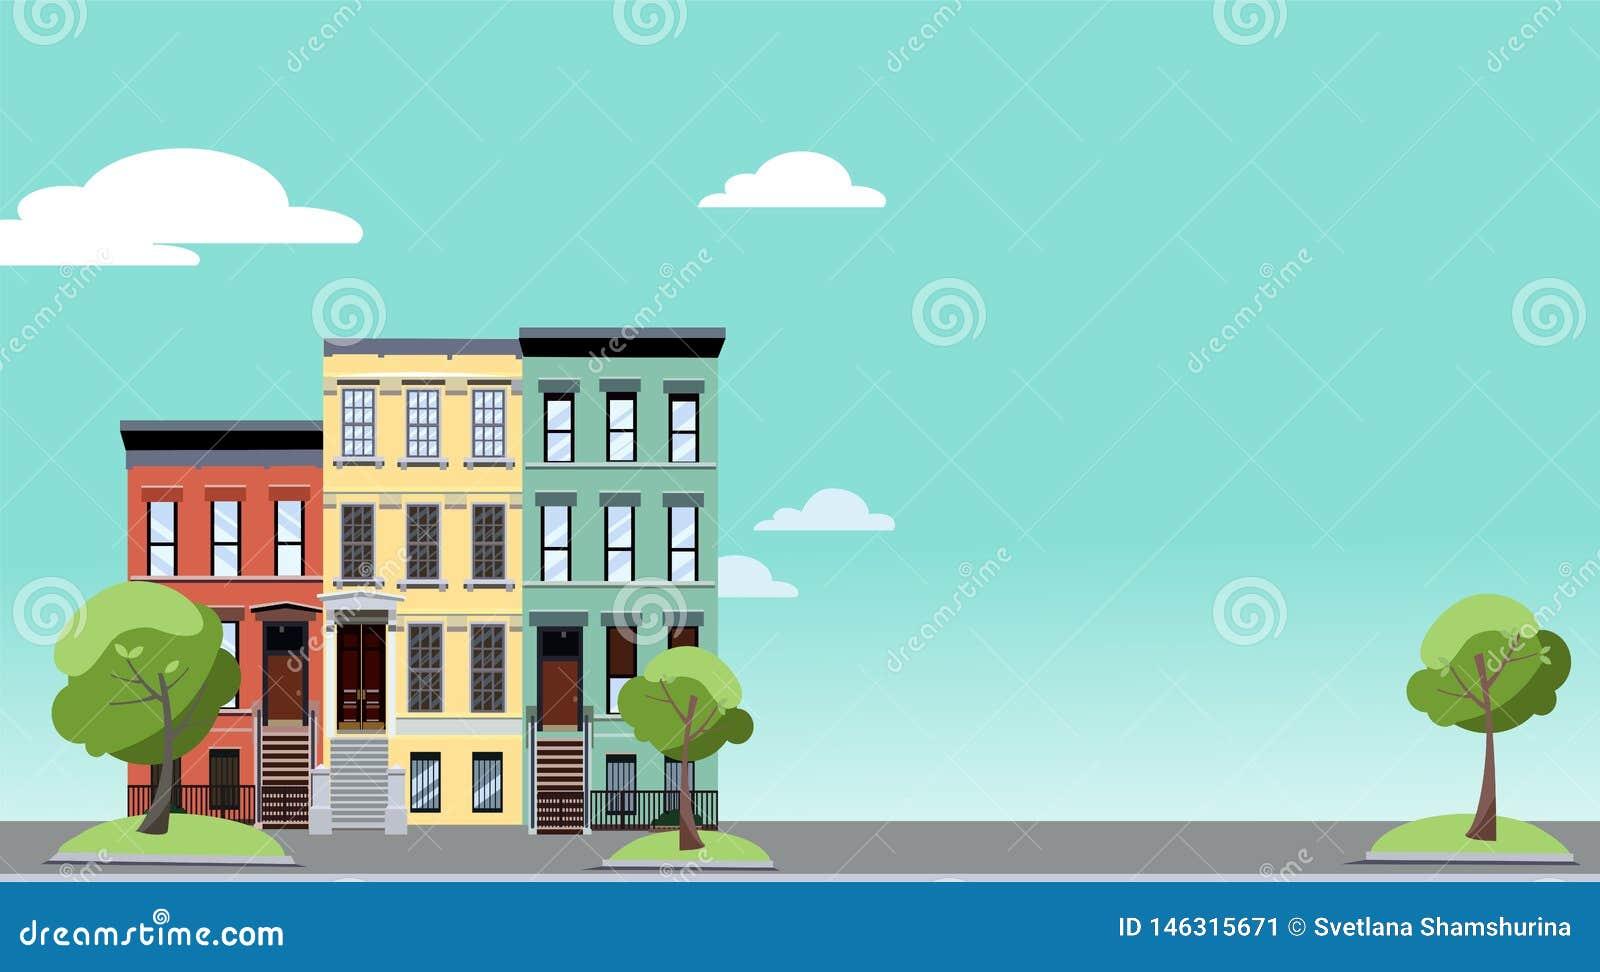 ?t? dans la ville Fond horizontal avec le paysage urbain coloré avec les arbres verts confortables près des maisons deux-racontée